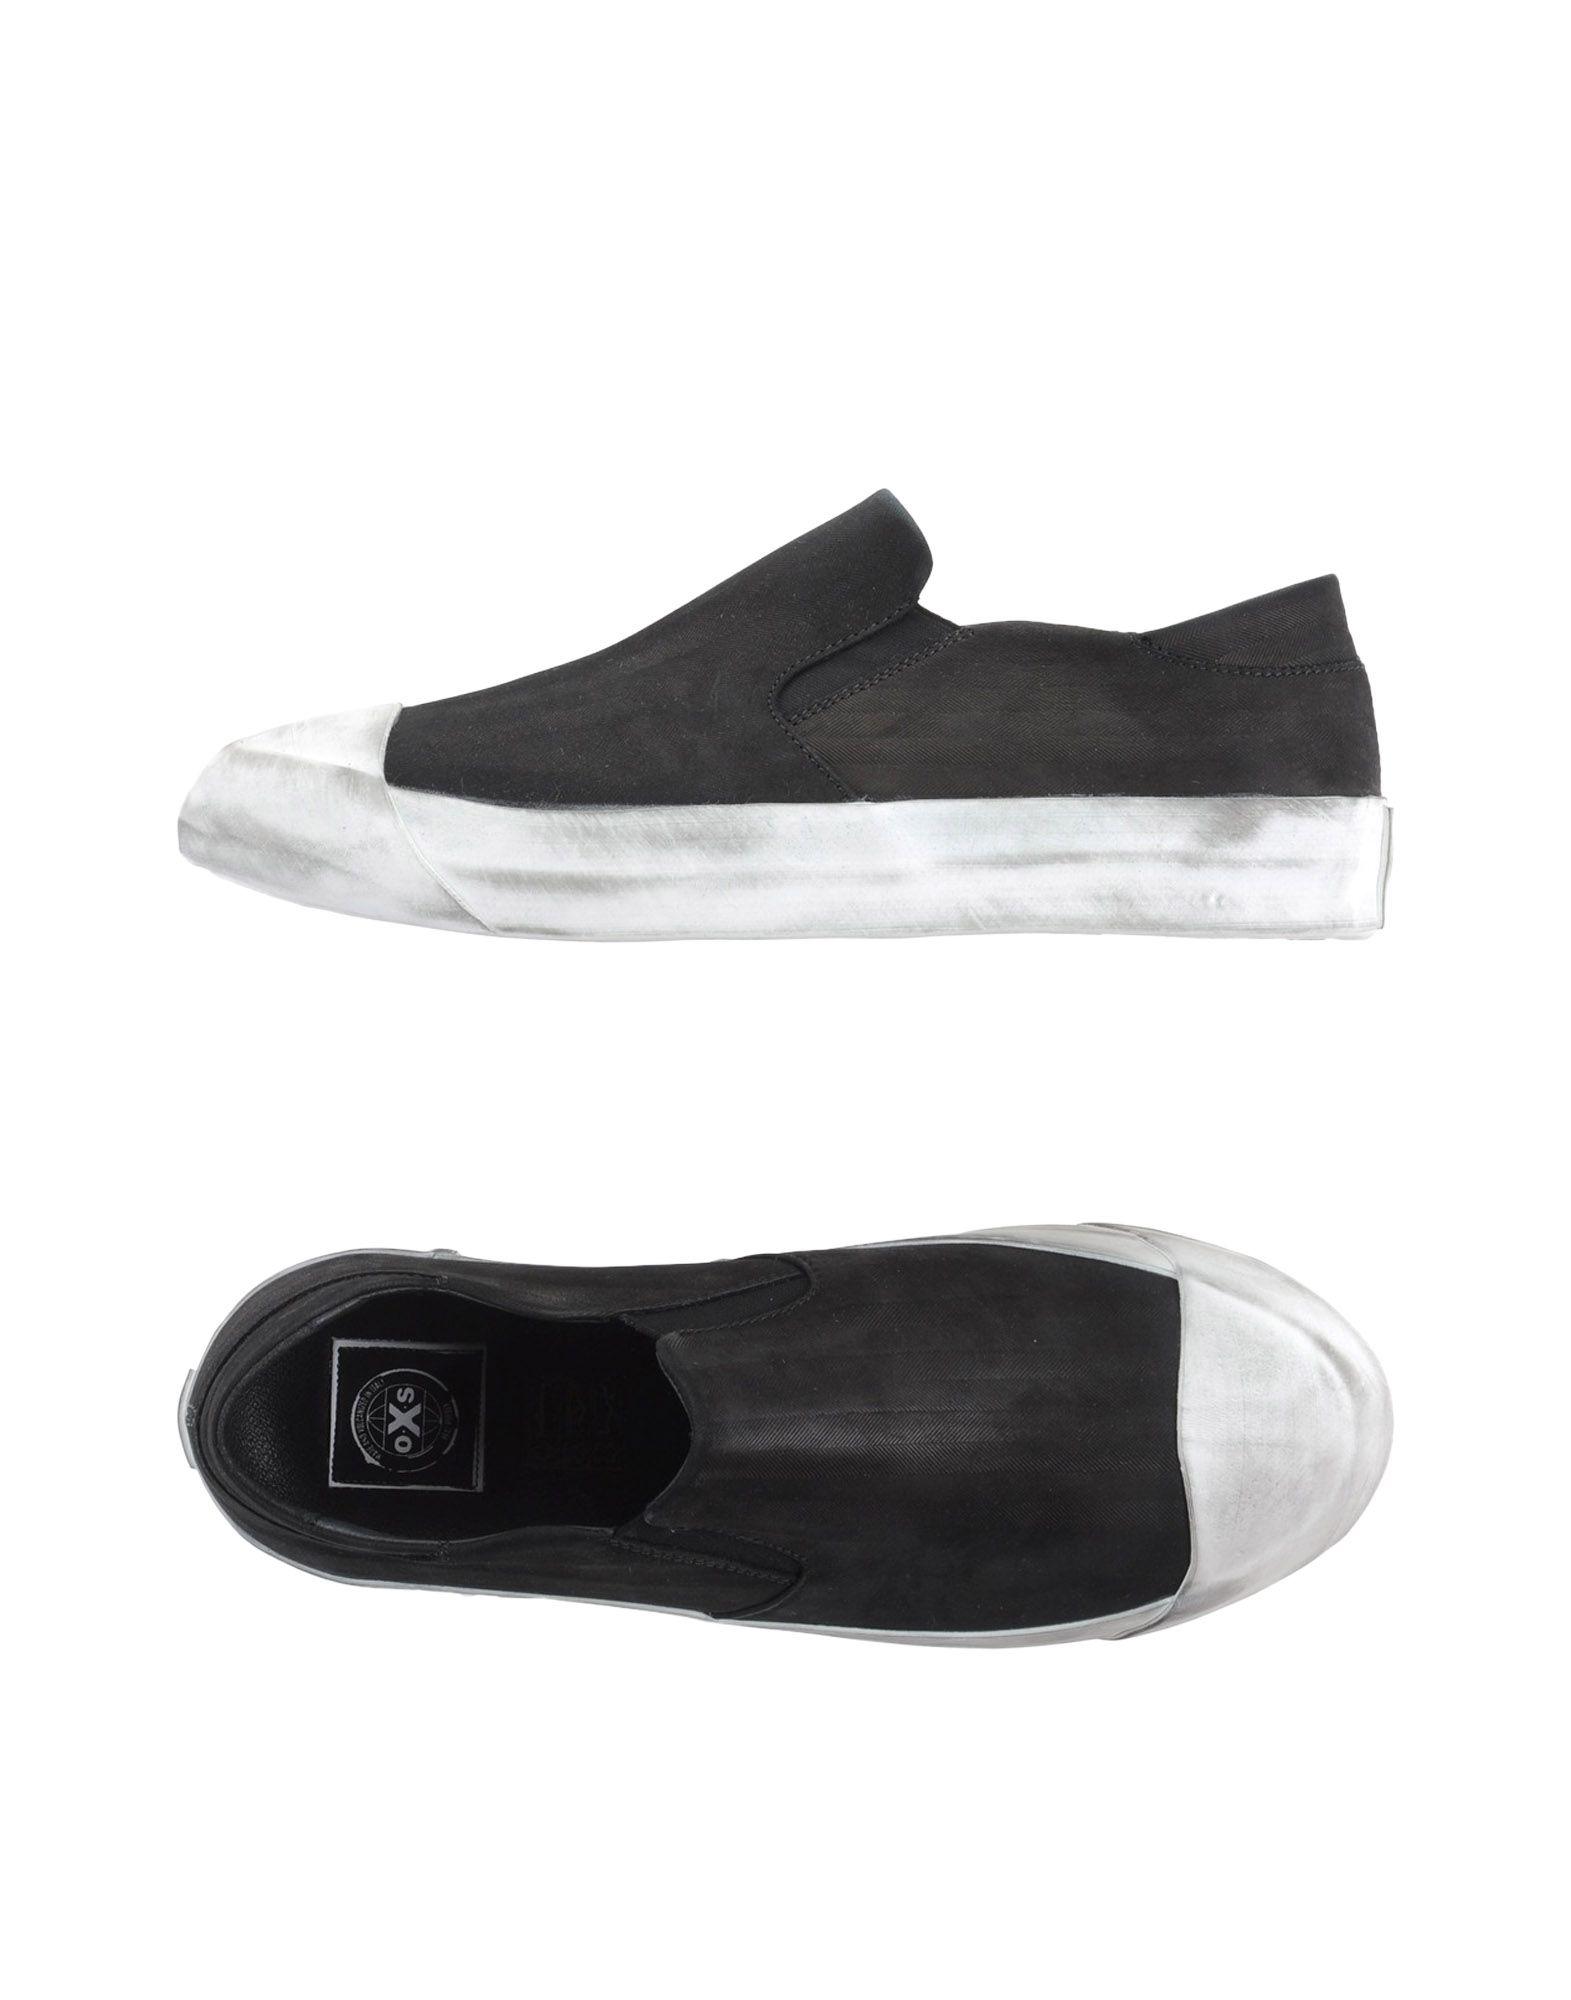 O.X.S. Sneakers Herren  11015188BO Gute Qualität beliebte Schuhe